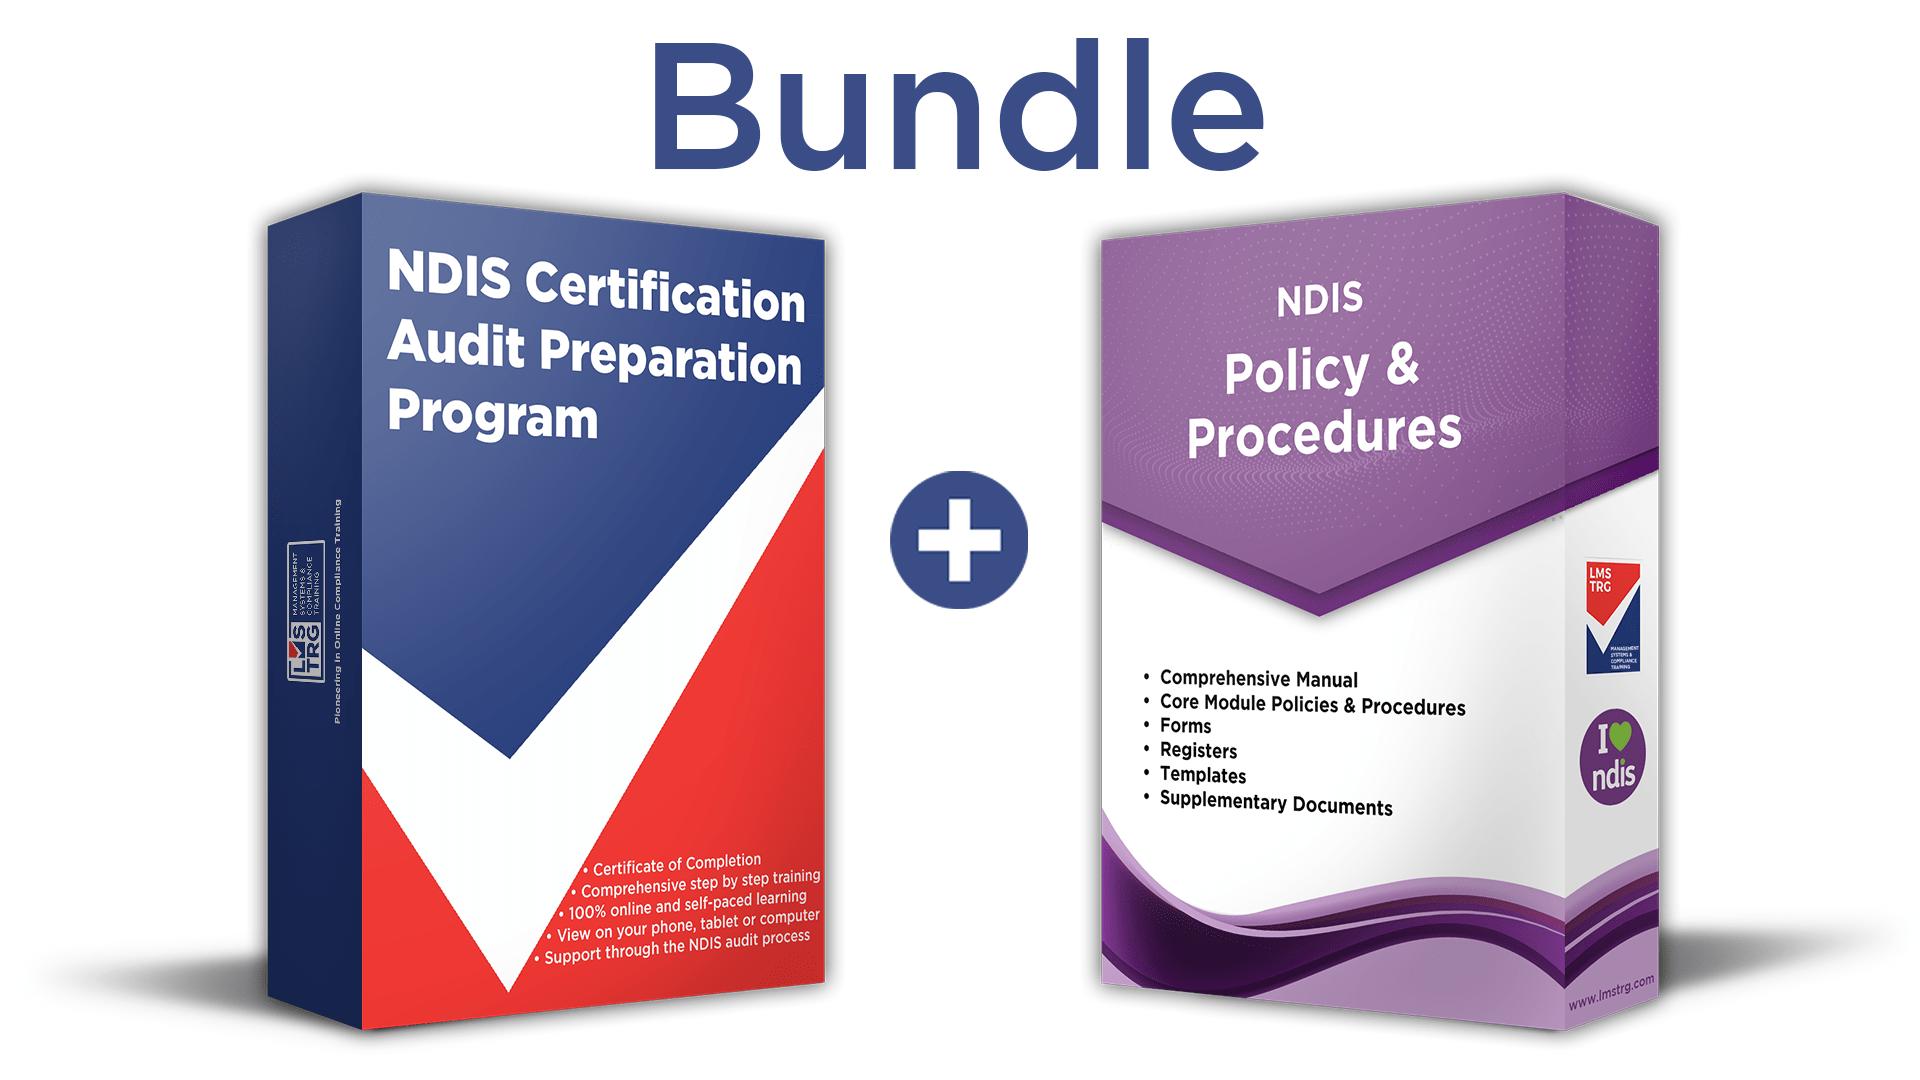 NDIS Core Module Bundle